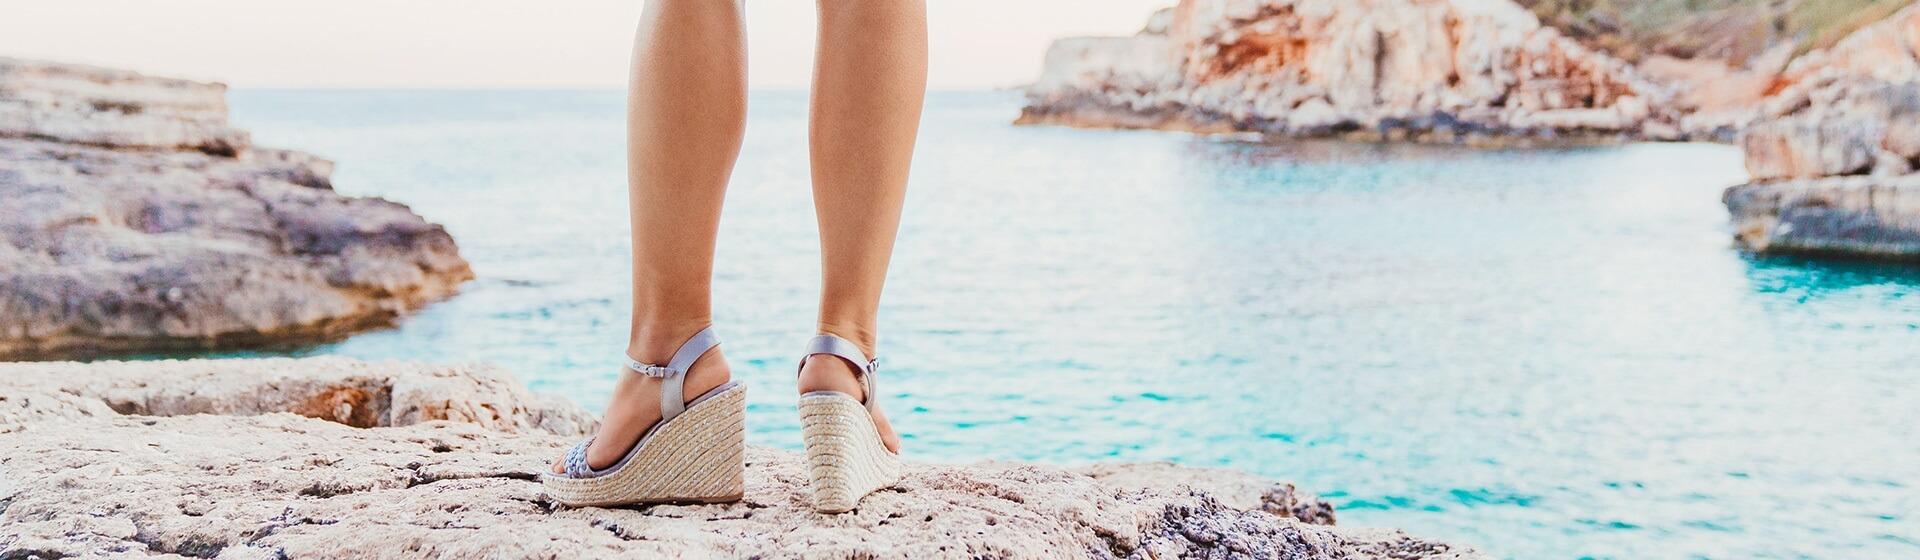 Barfuß in offenen Schuhen